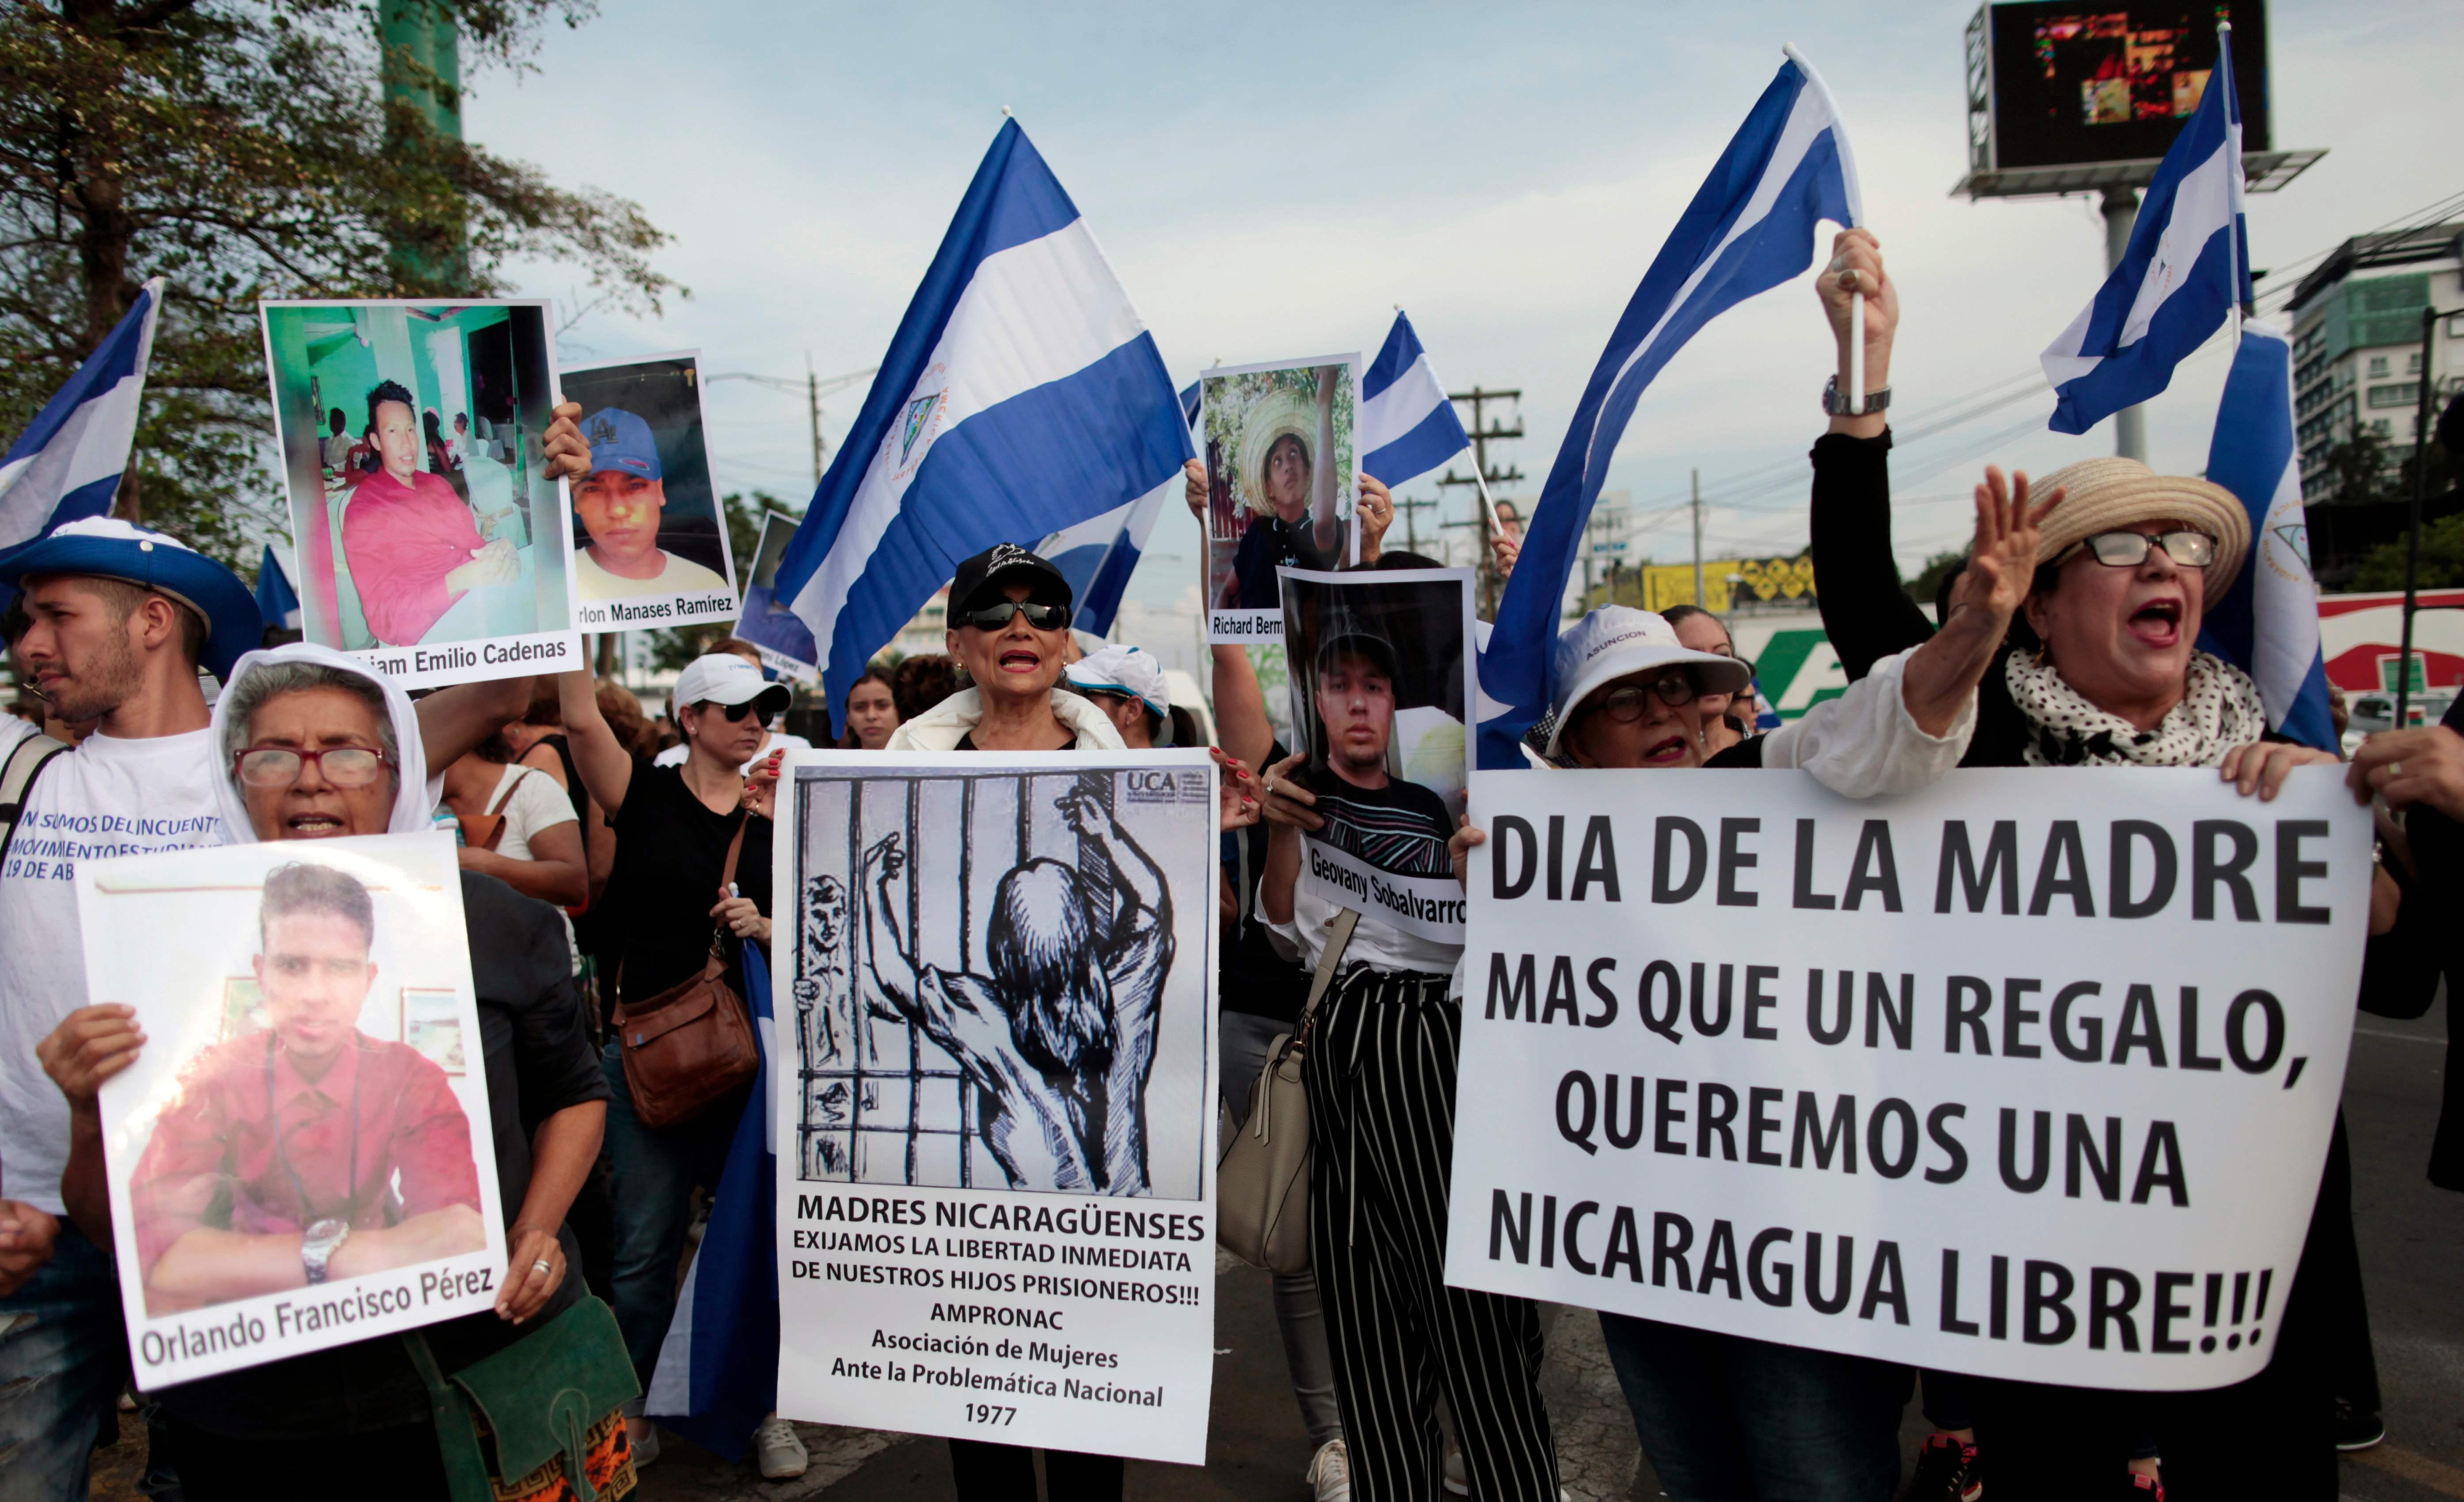 مظاهرات أمهات ضحايا الاشتباكات فى نيكاراجوا يتظاهرون